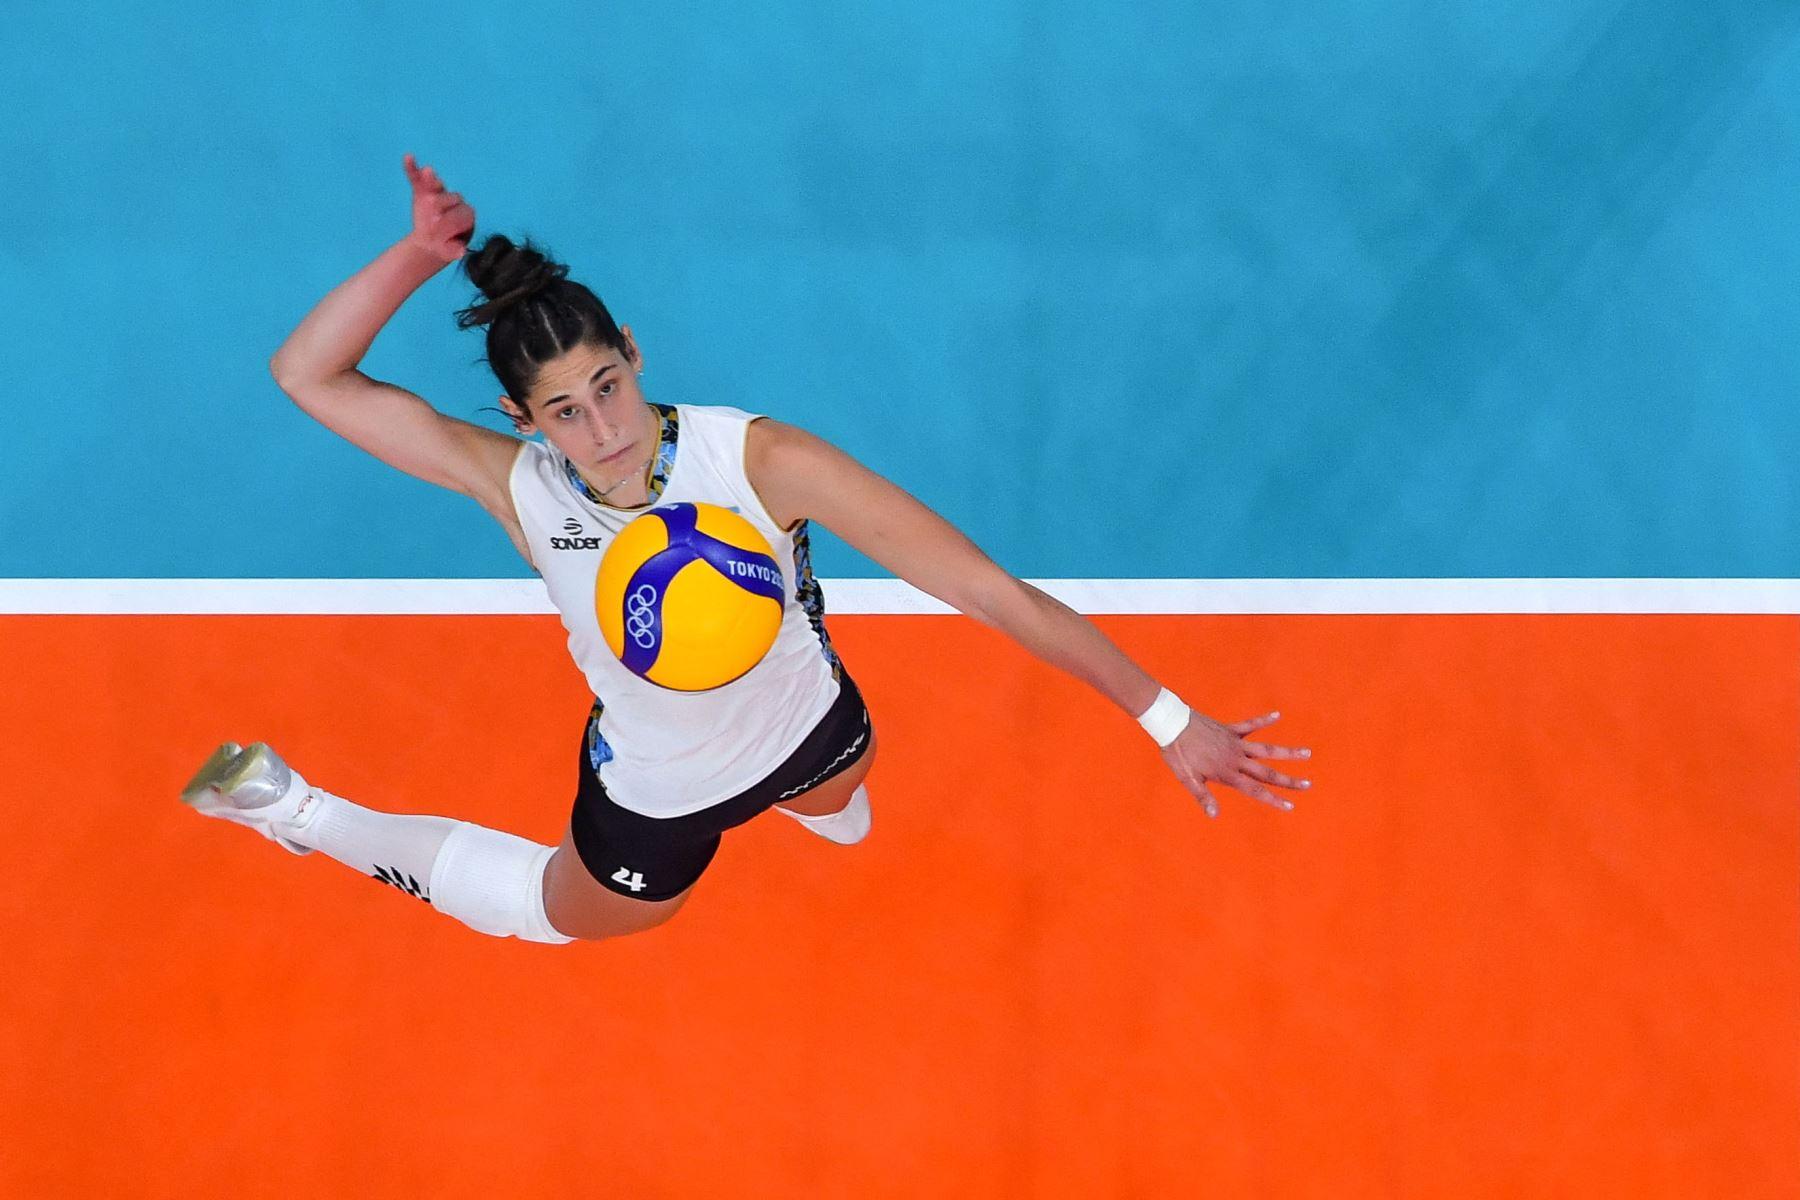 La argentina Daniela Bulaich Simian remata el balón en el partido de voleibol femenino de la ronda preliminar del grupo B entre China y Argentina durante los Juegos Olímpicos de Tokio 2020 en el Ariake Arena de Tokio. Foto: AFP